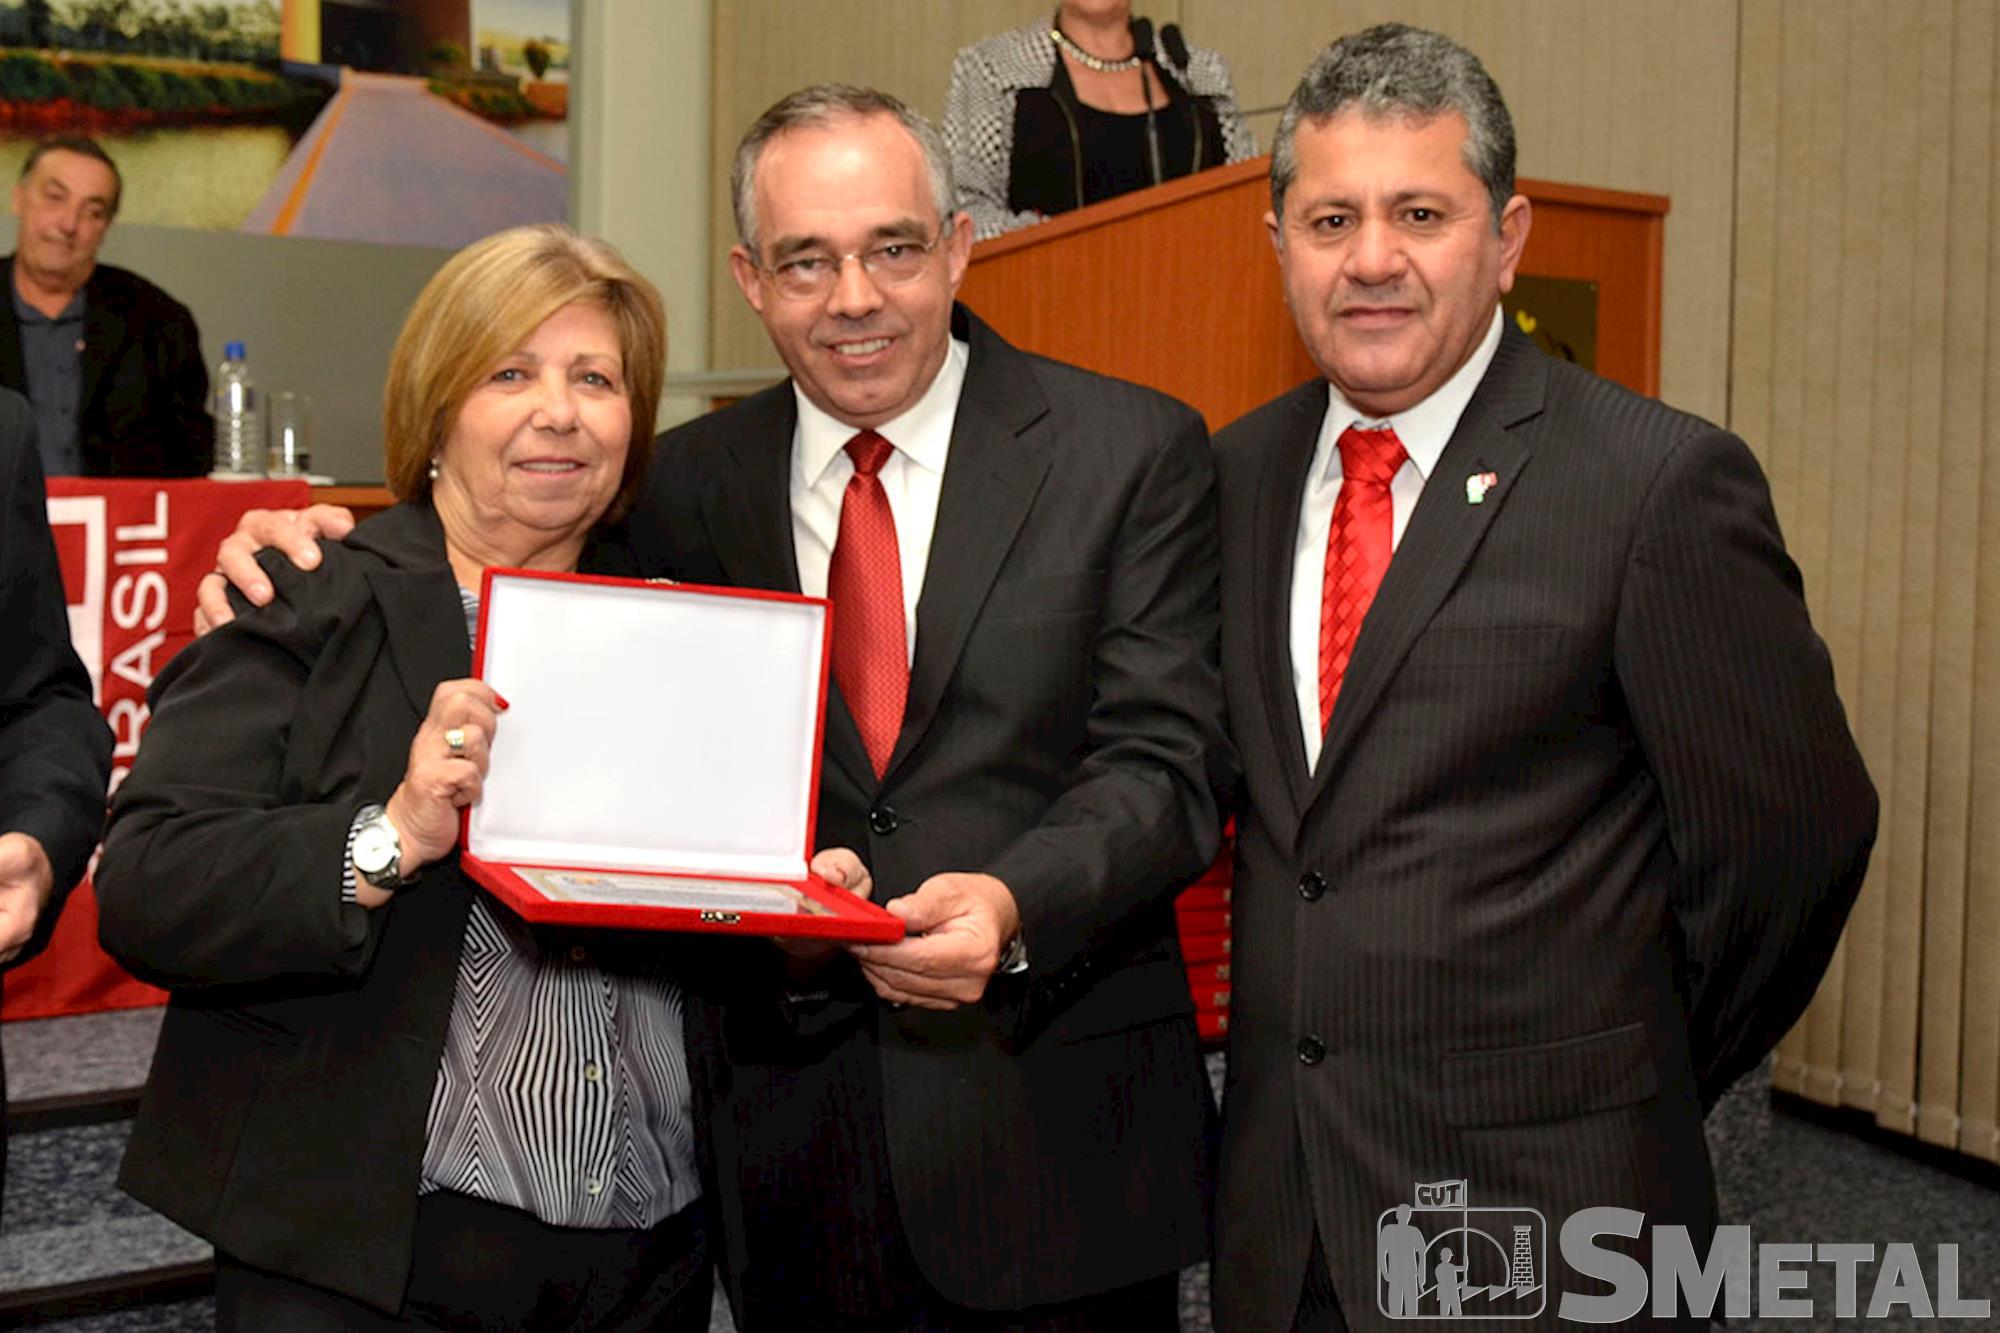 A sindicalista Maria Elisabeth Gonçalves recebe placa em alusão aos 30 anos da CUT dos vereadores petistas Carlos Leite e Izídio de Brito, Sessão Solene na Câmara de Sorocaba comemora 30 anos de CUT